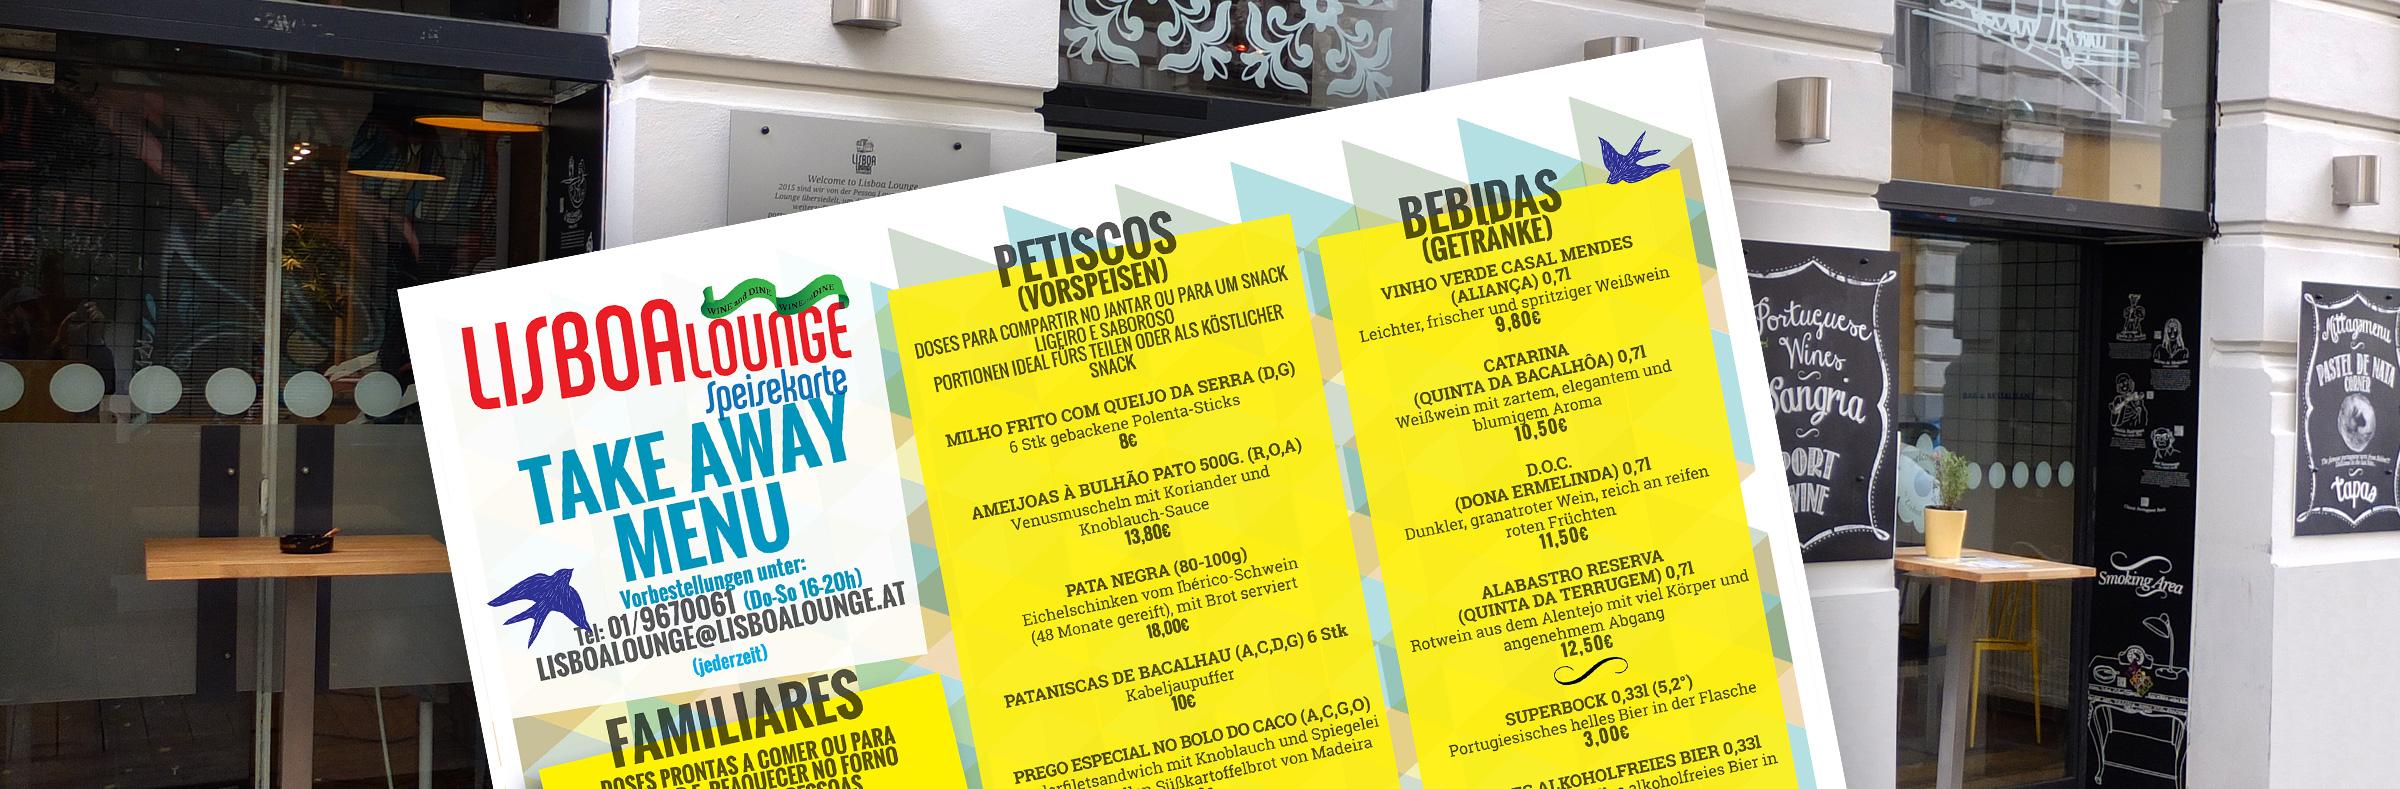 Liebe Freunde,<br>Wir bieten donnerstags – sonntags <br>von 16-20h ein besonderes Takeaway Menü an.<br>Wir freuen uns, Sie bald wieder zu sehen!<br>Liebe Grüße<br>Ihr Lisboa Lounge Team